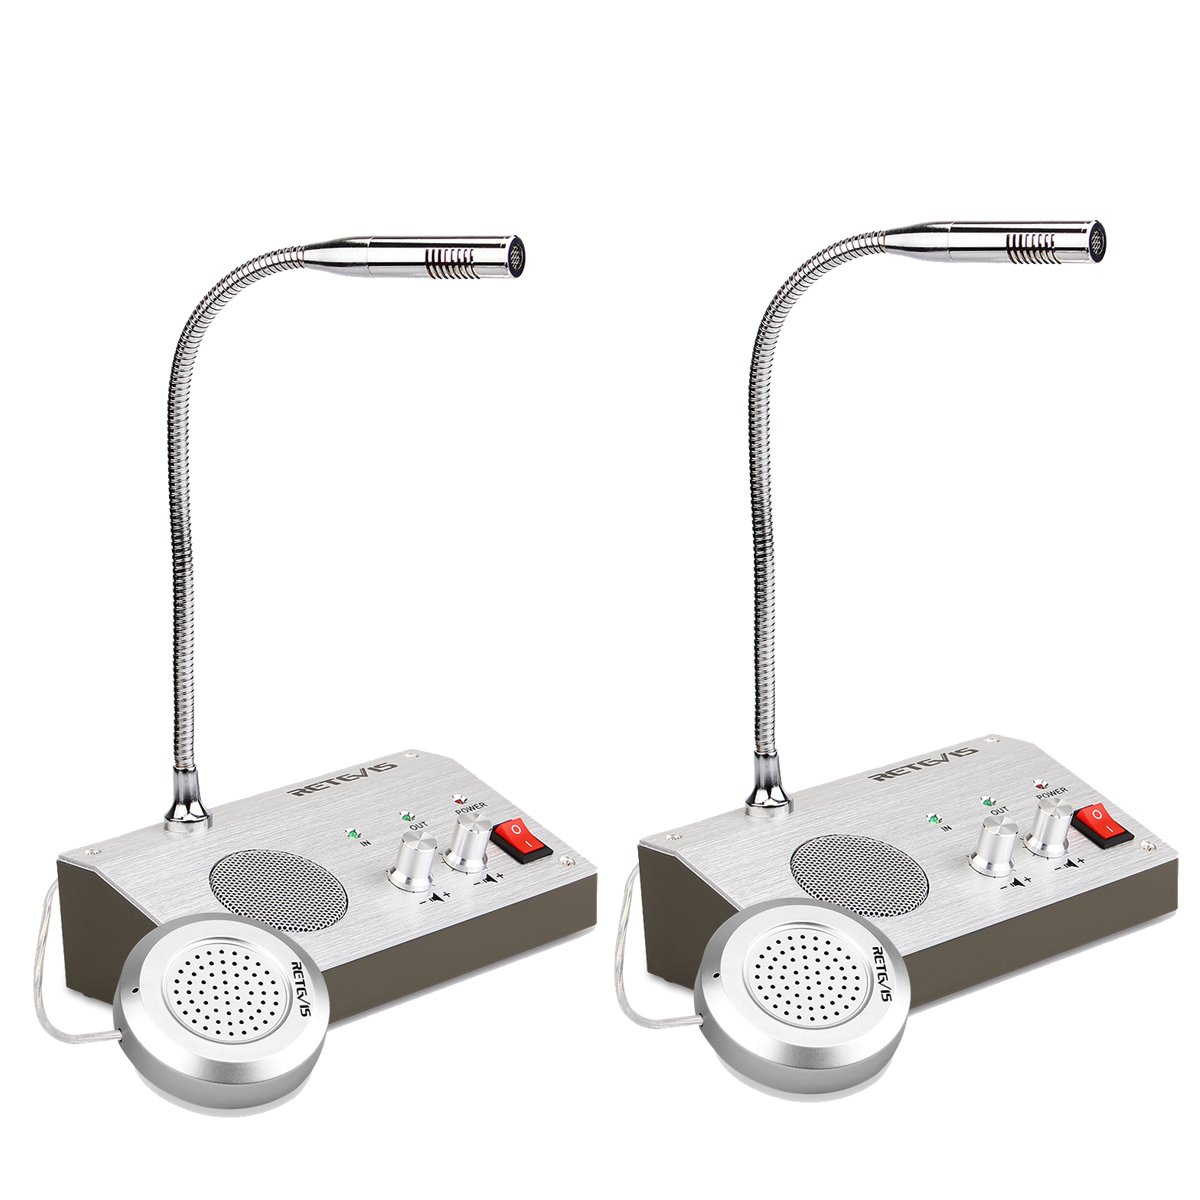 Retevis RT9908 Intercomunicador Ventanilla Sistema de Intercomunicació n Ventana Dual Walkie Talkie Micró fono de Base 220V 3W y Micró fono Remoto para Banco Estació n Gasolina (Plata, 2Pcs) EUA9101AX2